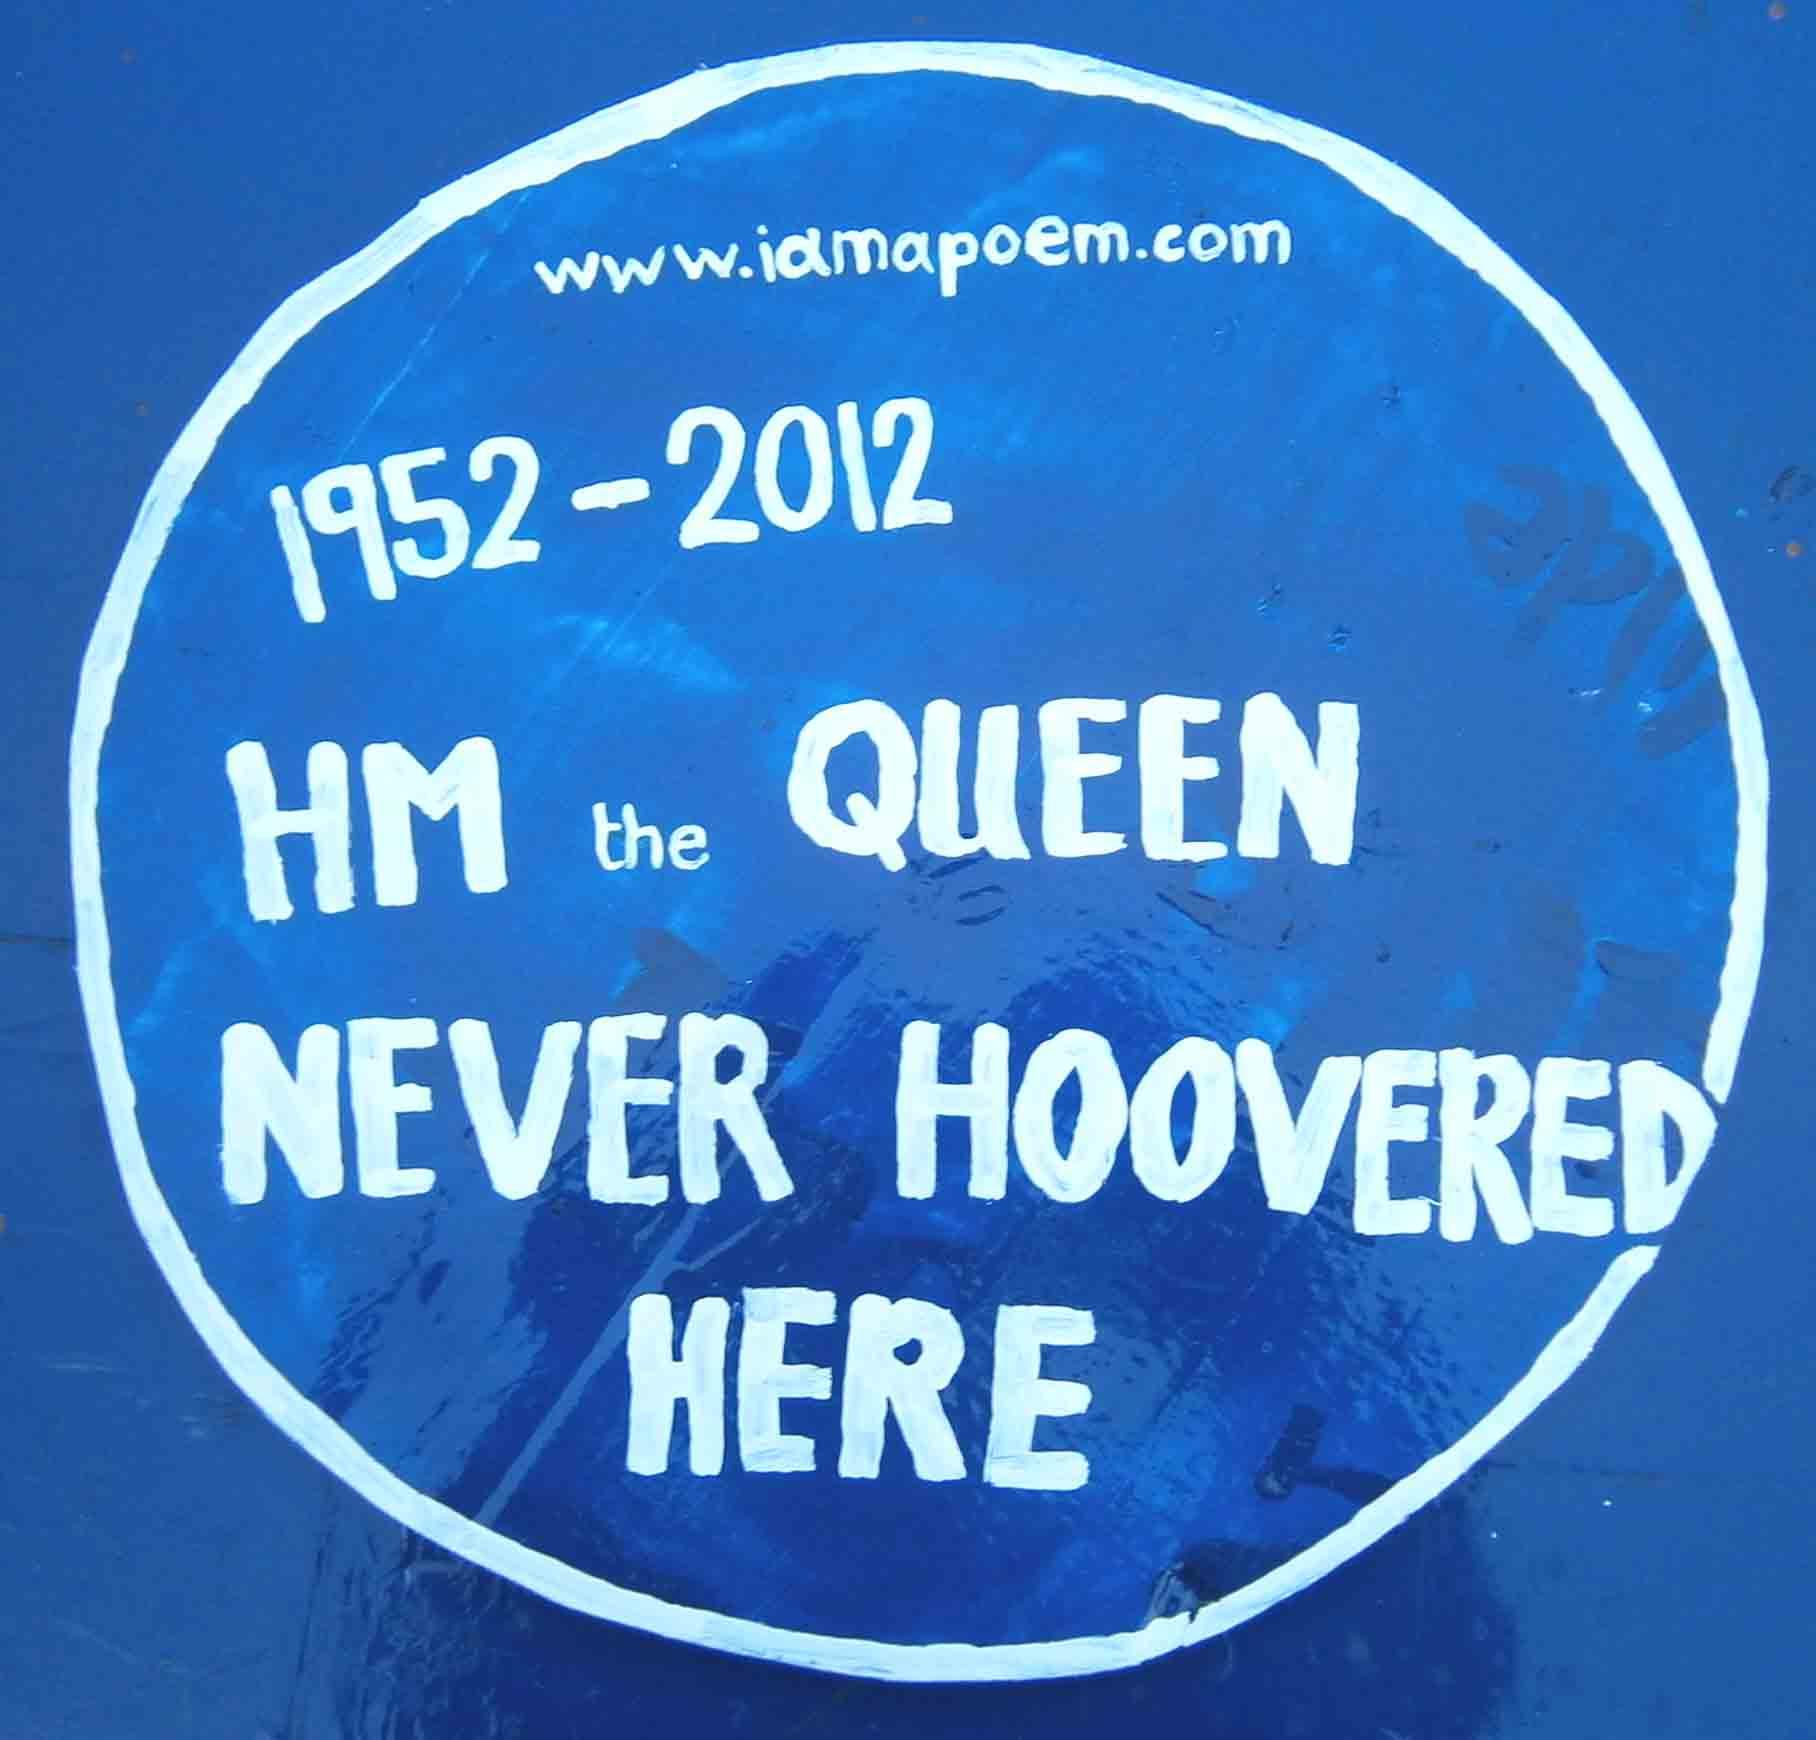 9488 || 2505 || Queen Never Hoovered